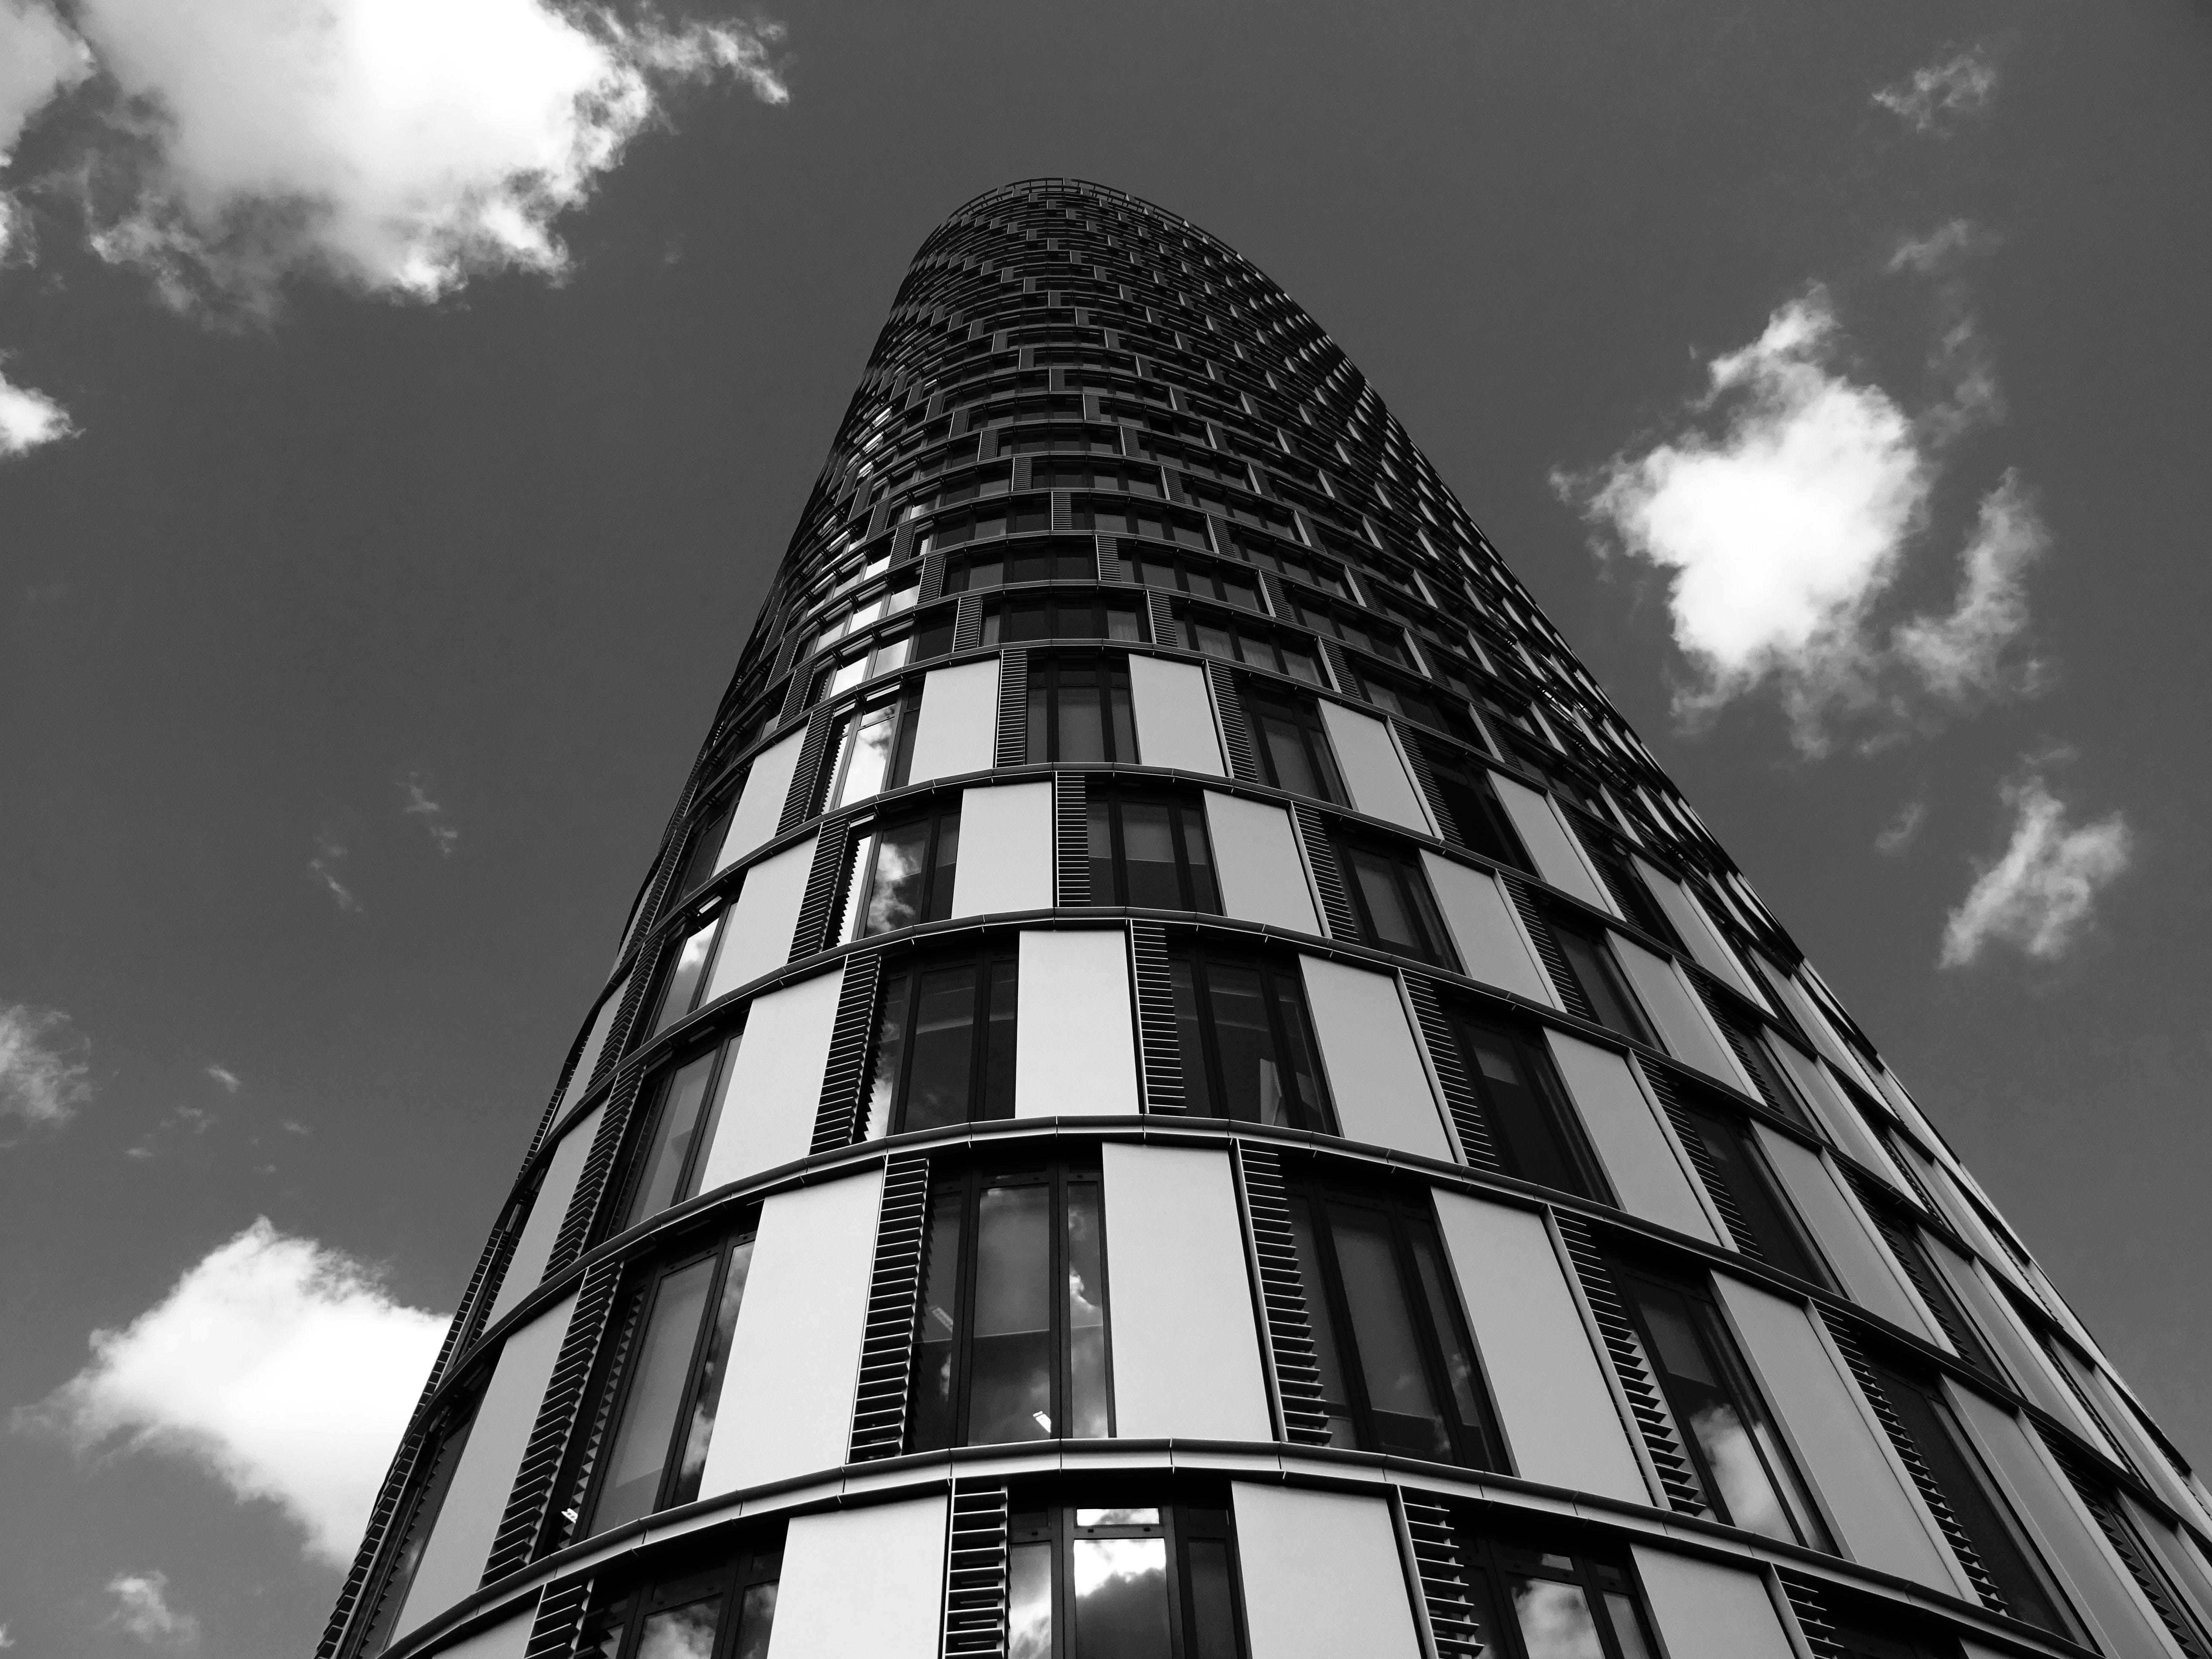 architectural design, architecture, black and white